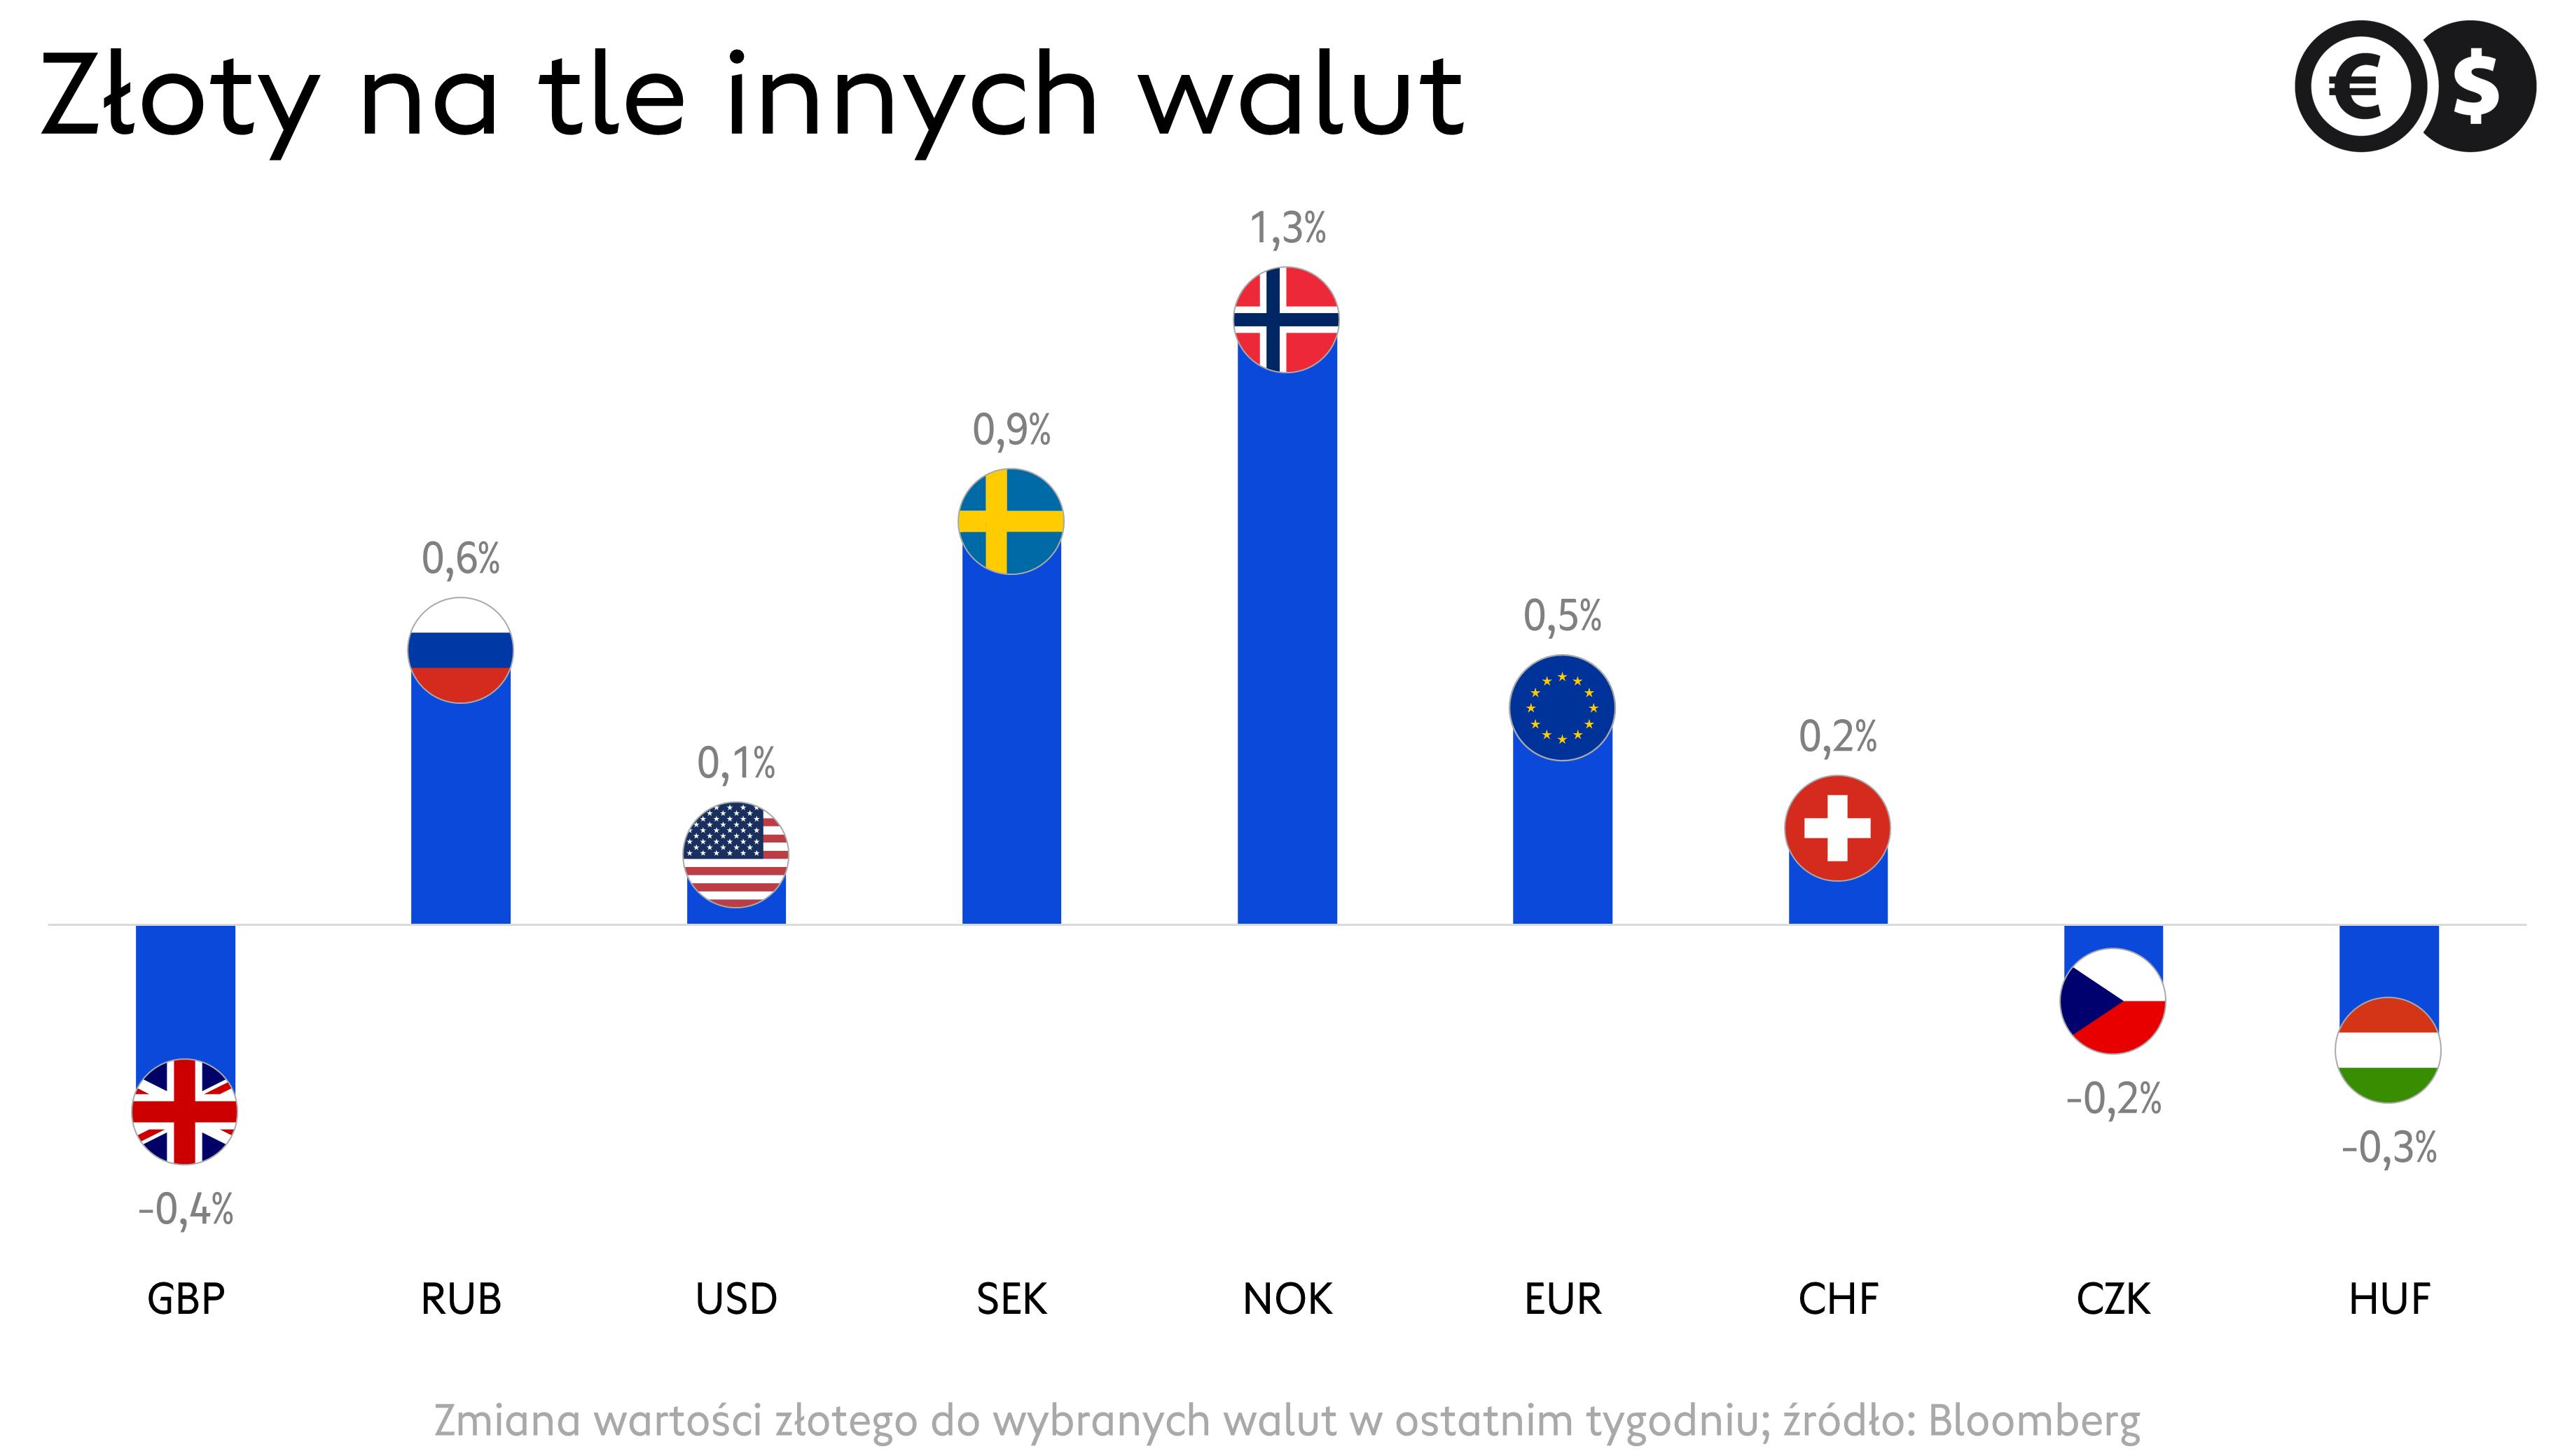 Kursy walut: EUR/PLN, USD/PLN, GBP/PLN, CHF/PLN i inne pary złotowe w ost. Tygodniu; źródło: Bloomberg